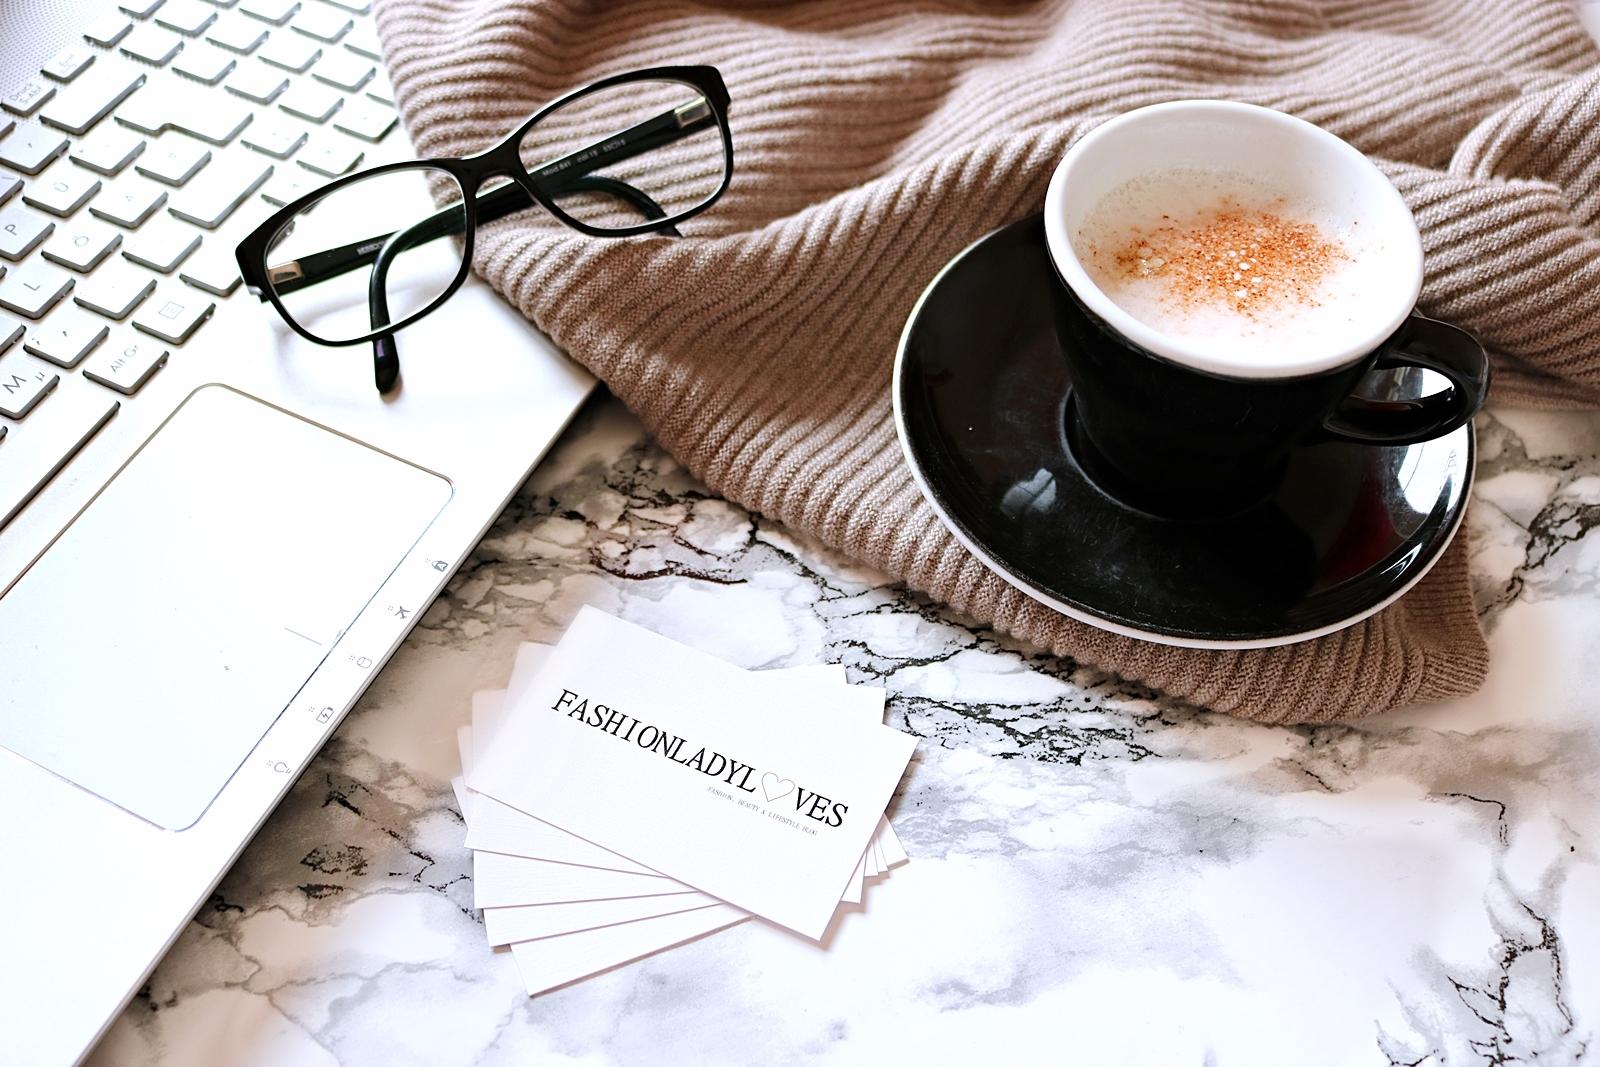 Meine Allerersten Worte - Blogvorstellung - Fashionladyloves by Tamara Wagner - Fashion Beauty Travel und Lifestyleblog